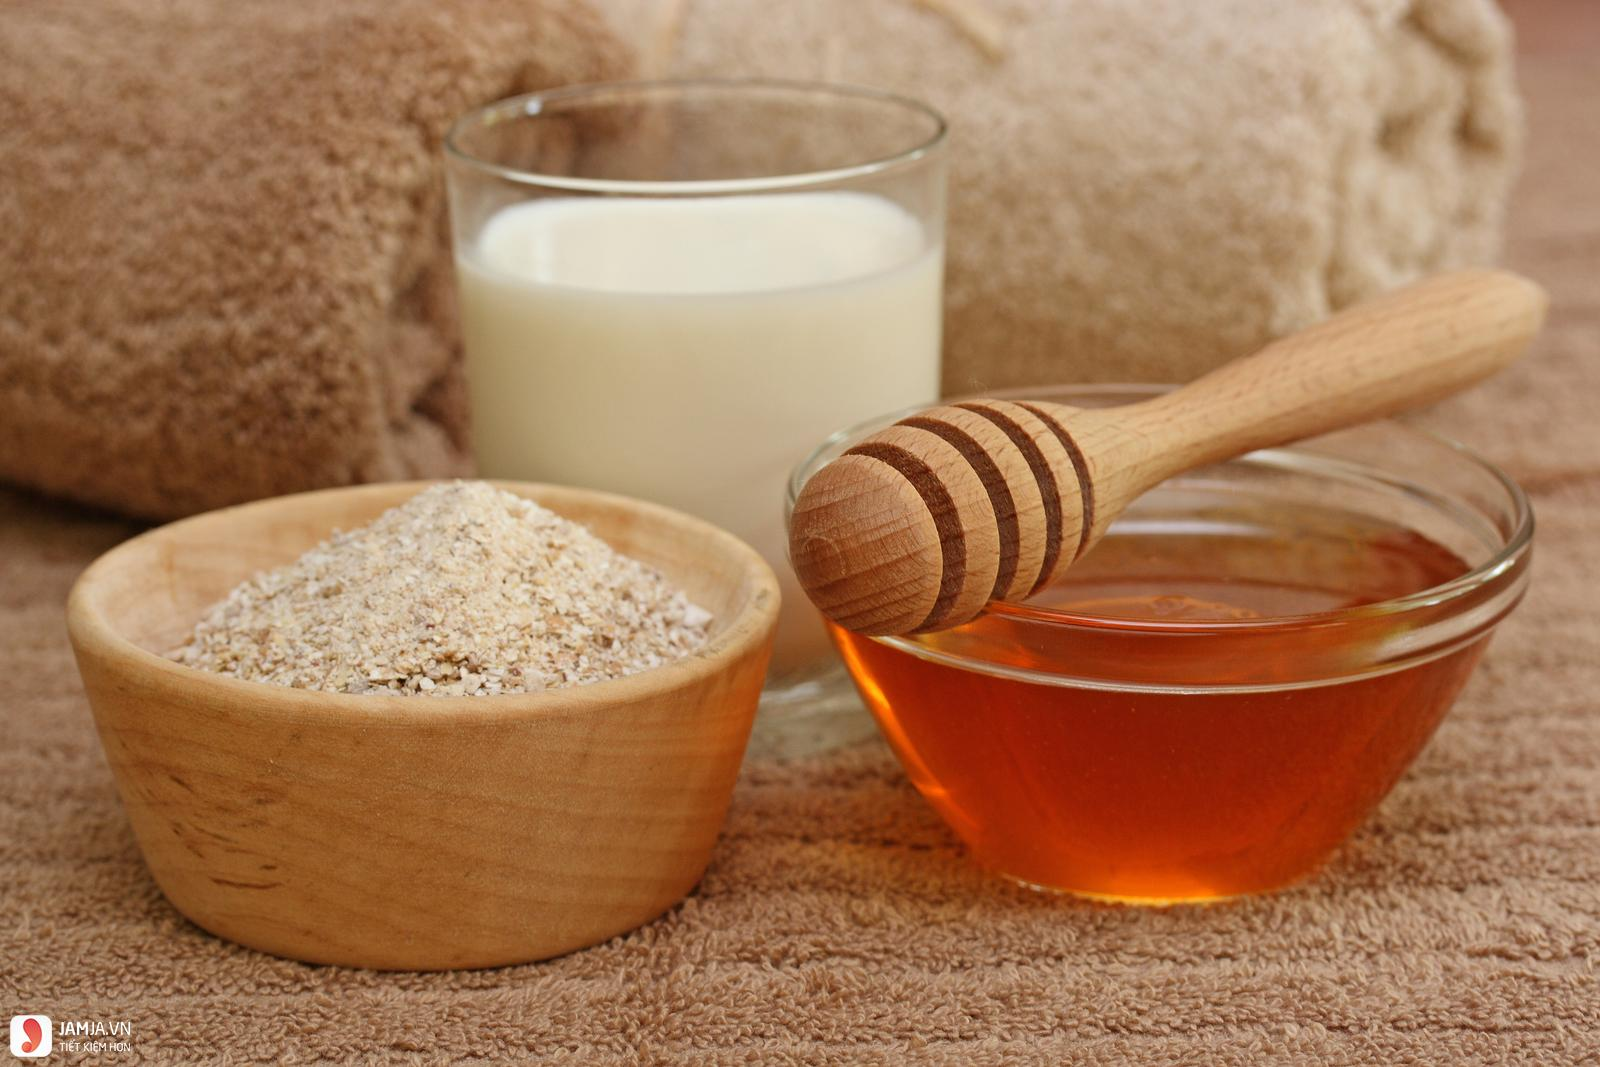 Mặt nạ cám gạo, sữa chua không đường và mật ong